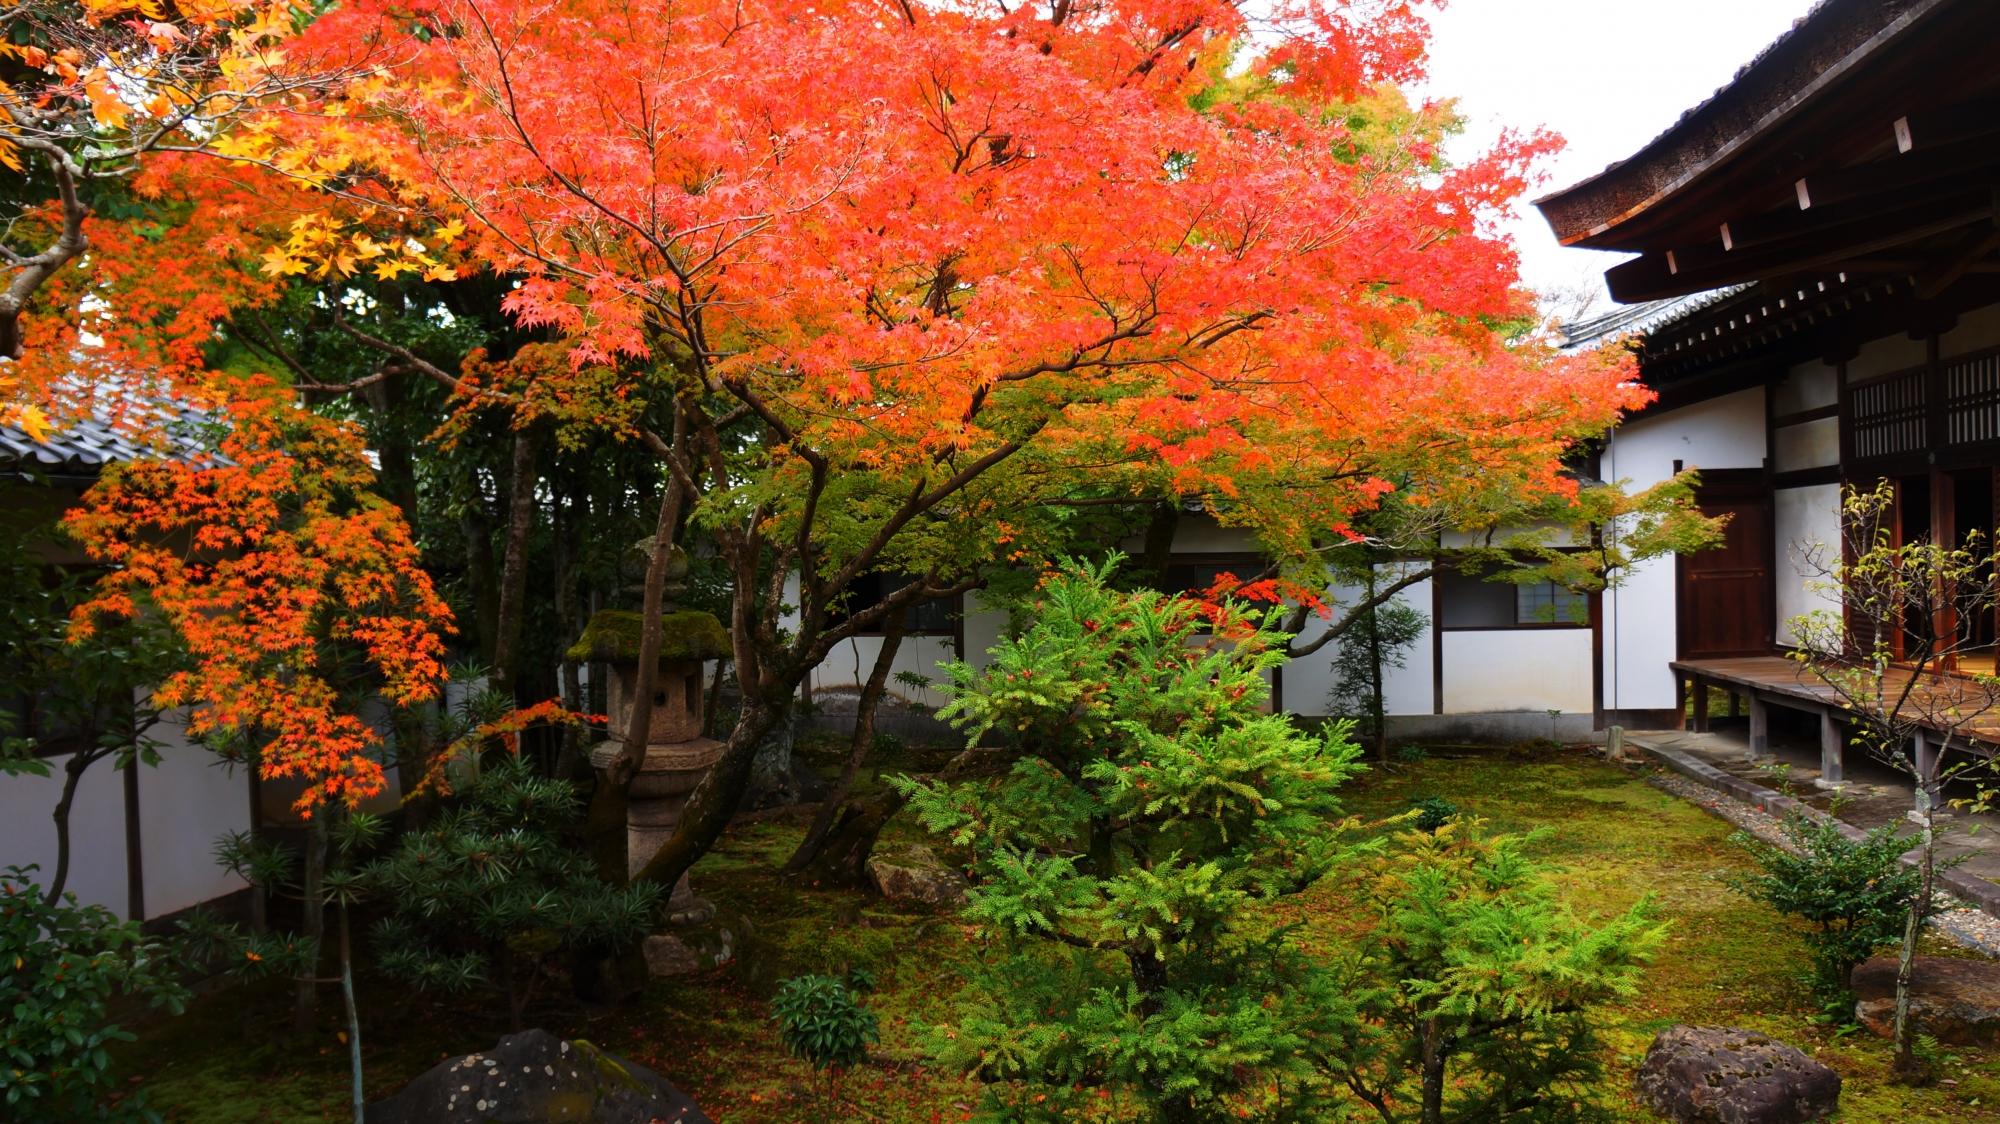 黒書院中庭の風情ある見事な紅葉